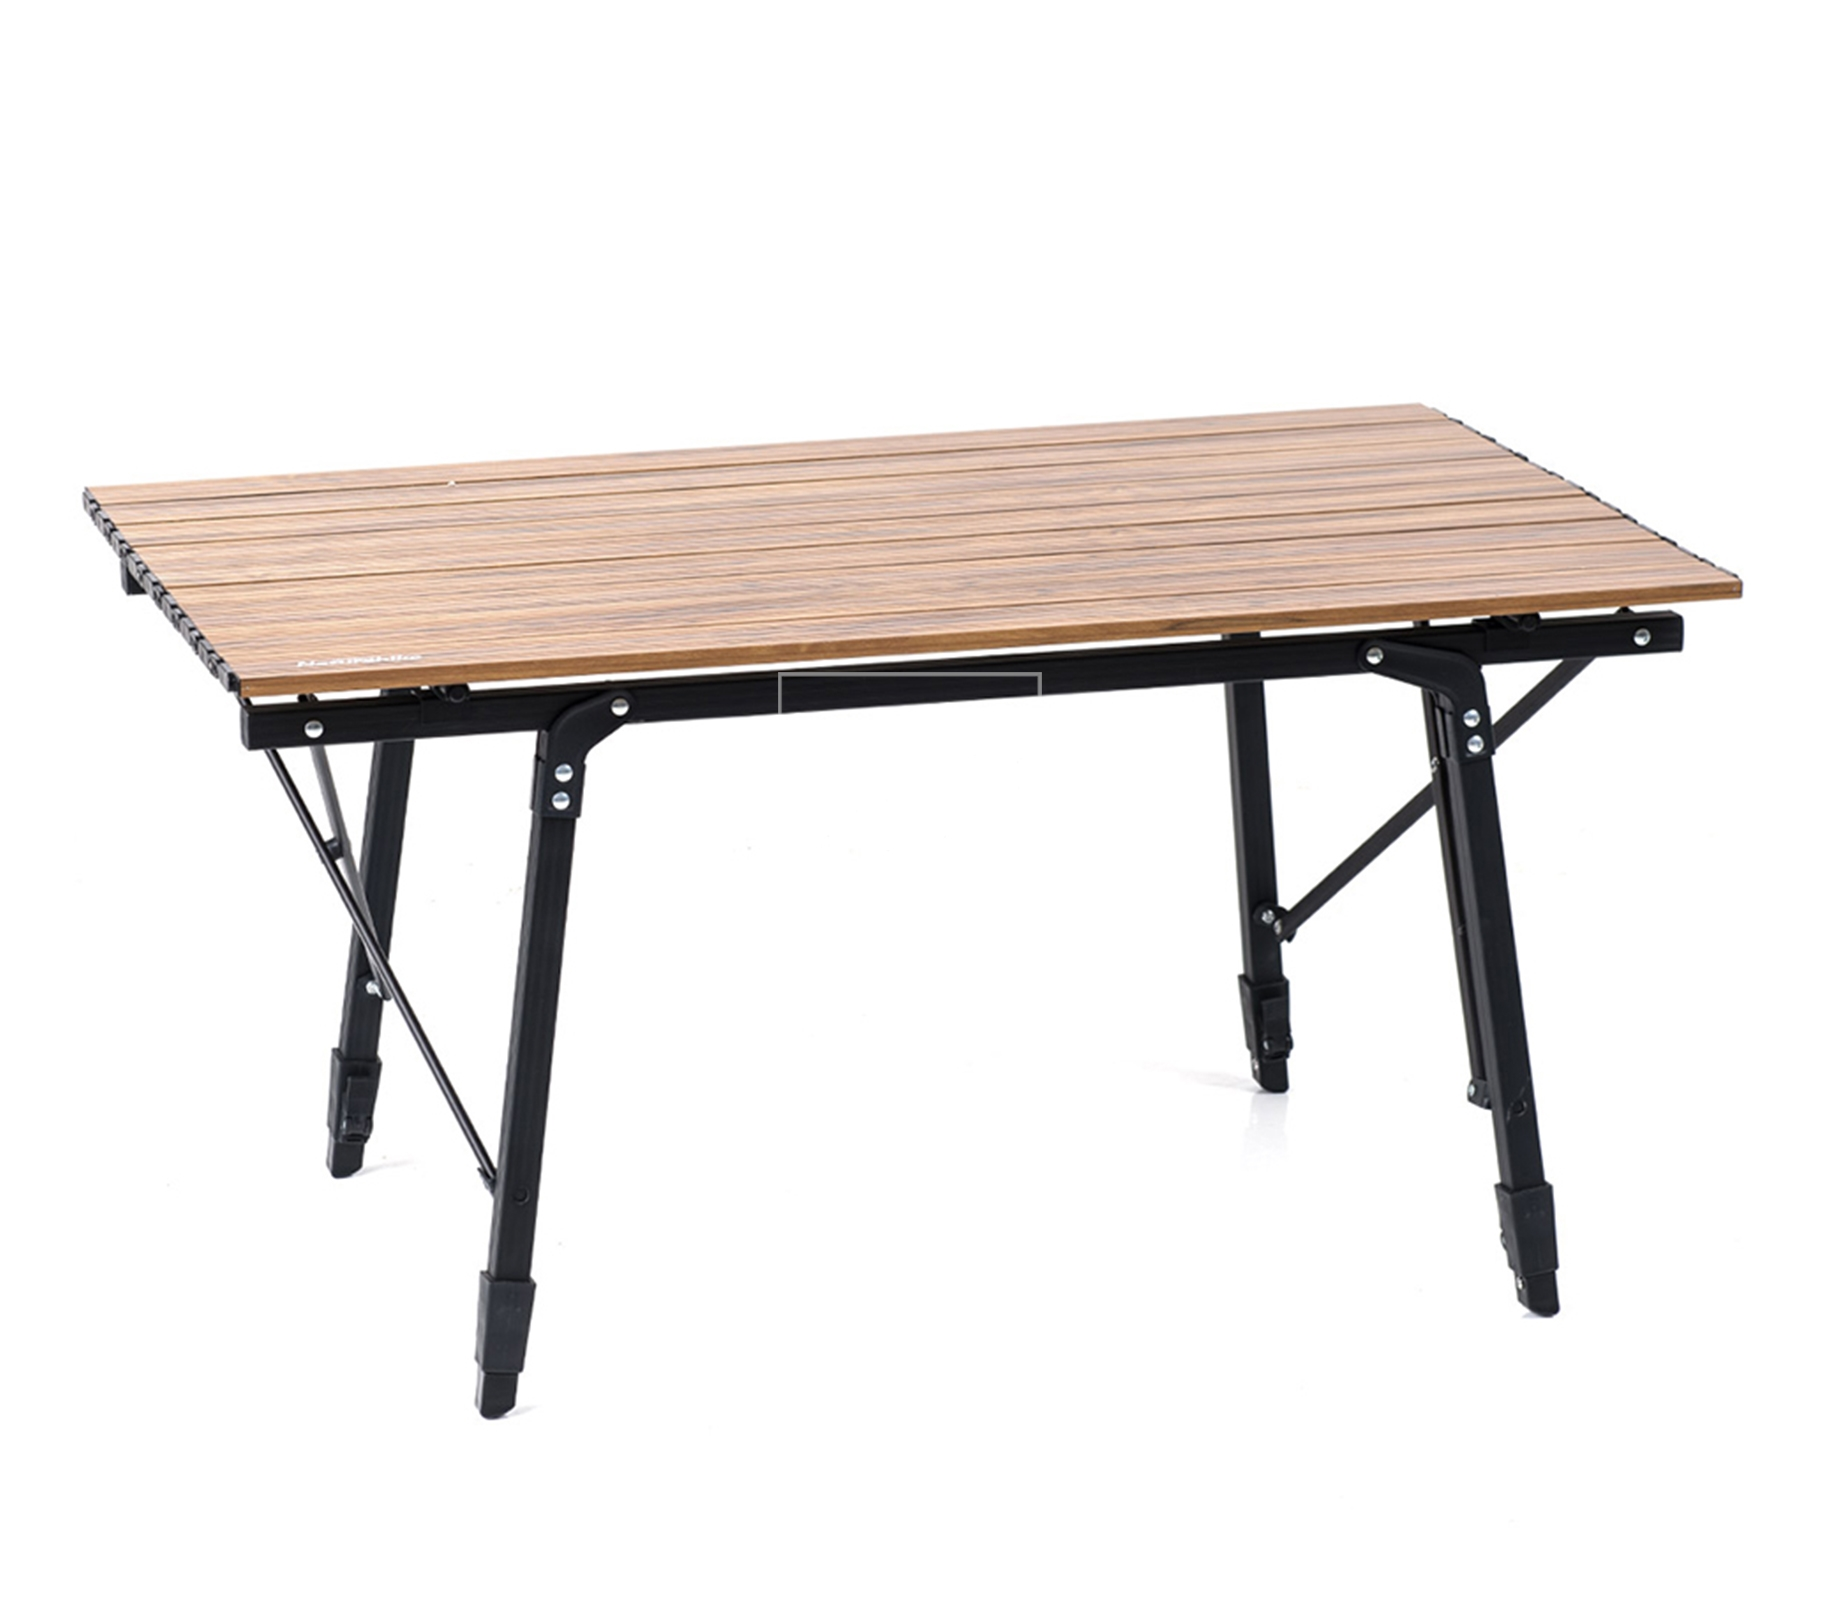 Bàn gấp dã ngoại mặt gỗ điều chỉnh chiều cao Naturehike Portable Wooden Folding Table NH19Z003-D - 9537